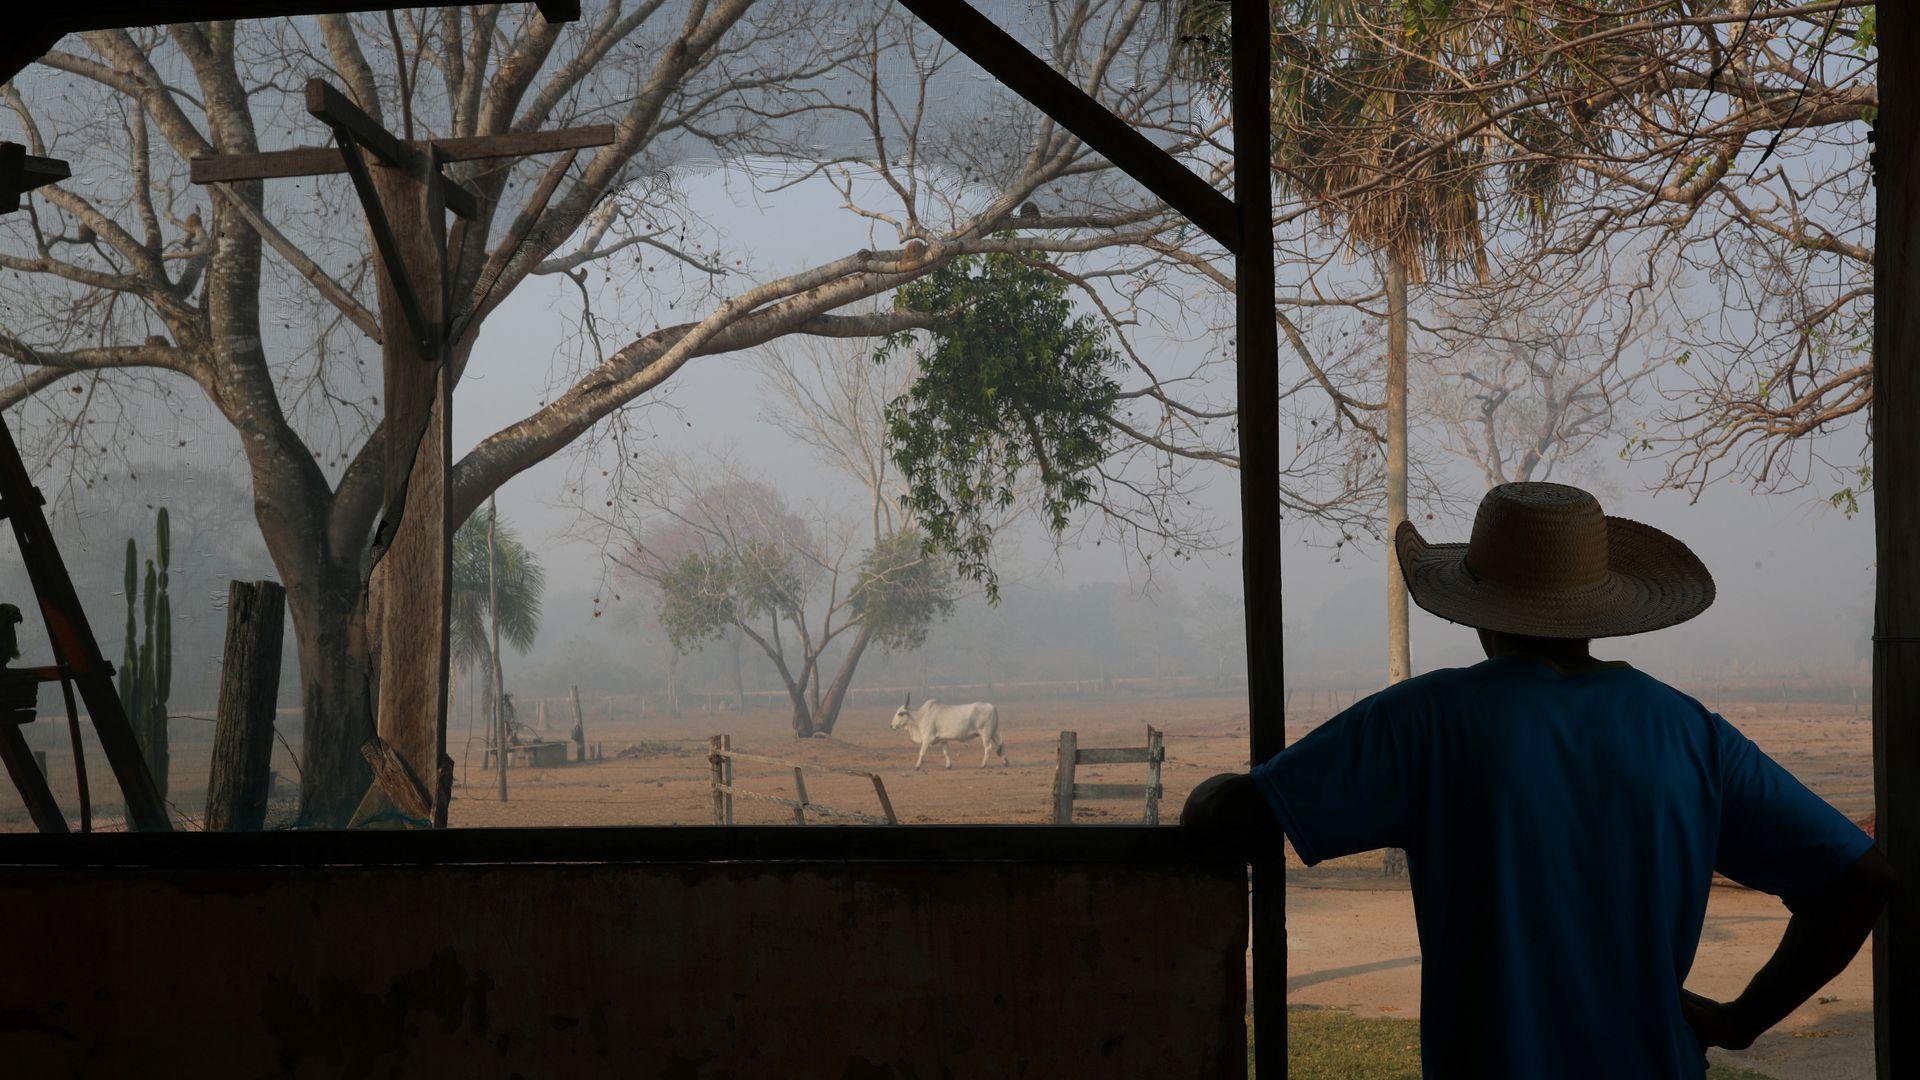 Dorvalino Conceicao Camargo, 56, está na fazenda onde trabalha olhando para a fumaça de uma fogueira, subindo no ar, no Pantanal, maior pantanal do mundo, em Pocone, Mato Grosso, Brasil, 29 de agosto , 2020. REUTERS / Amanda Perobelli